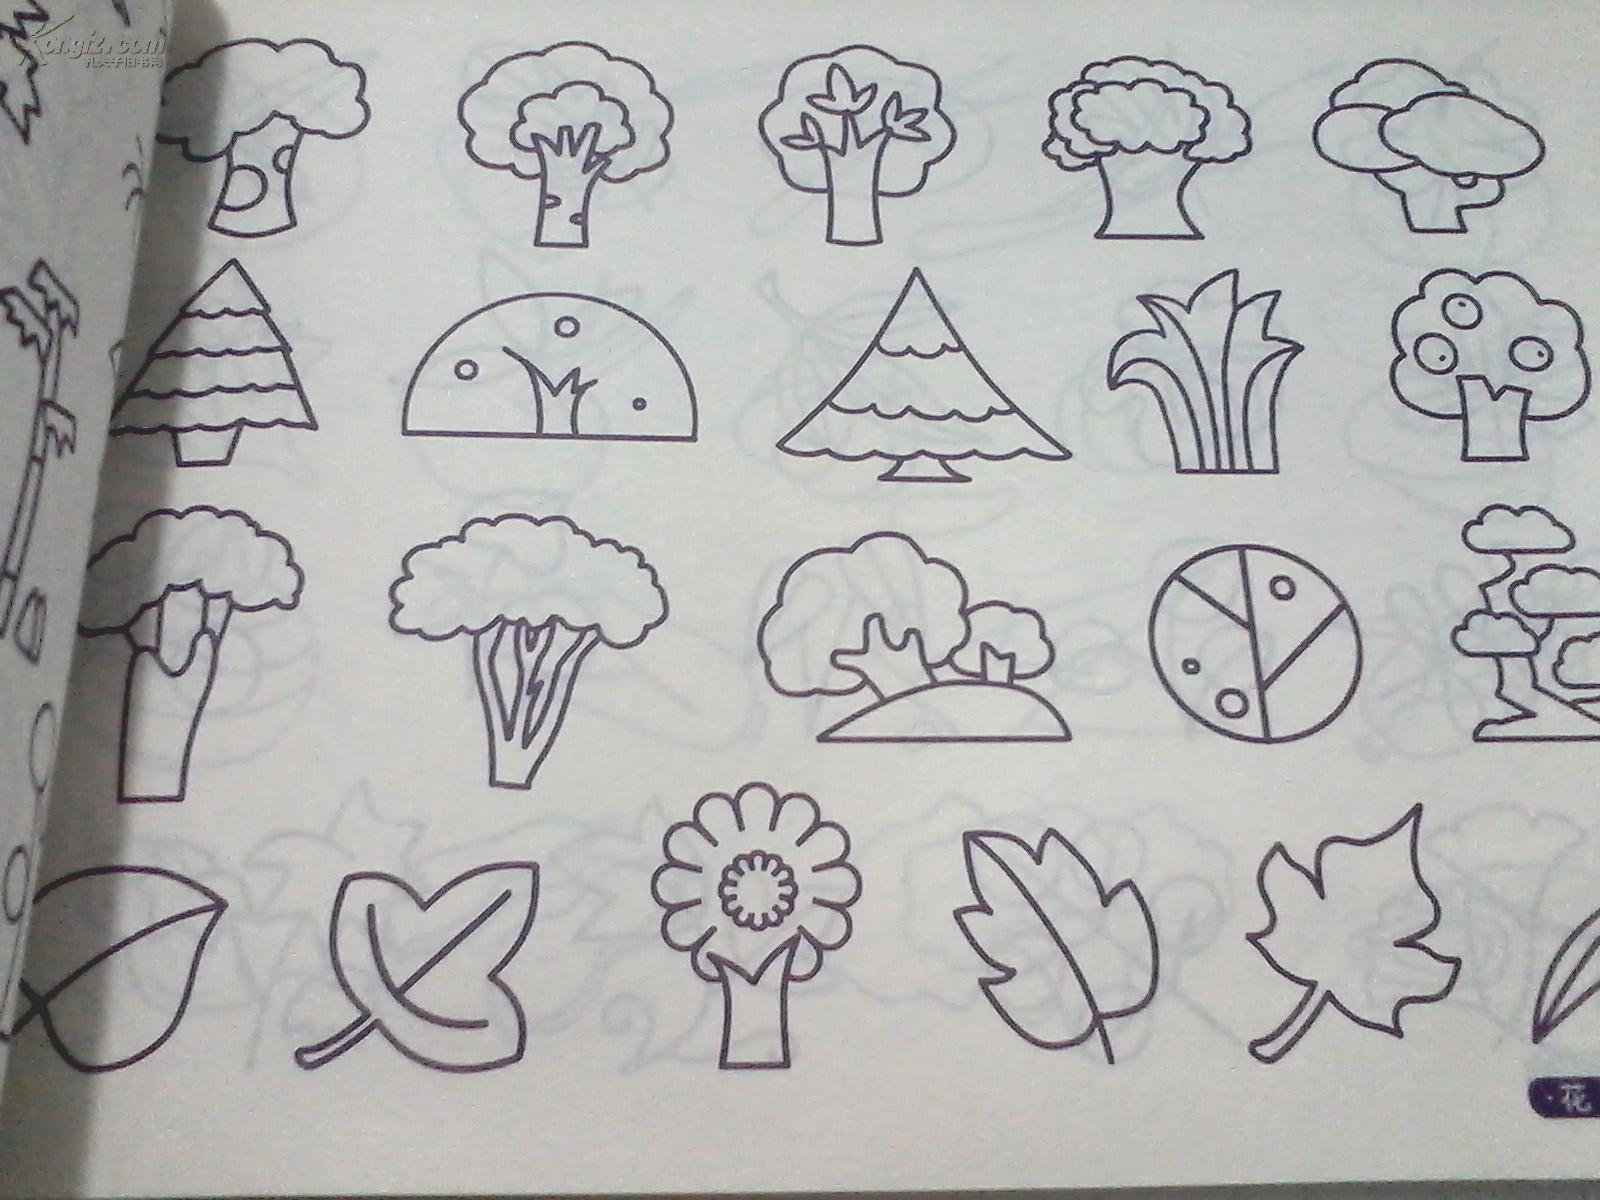 用简单的线条描画了动植物,生活用品,交通工具,建筑风景以及人物.